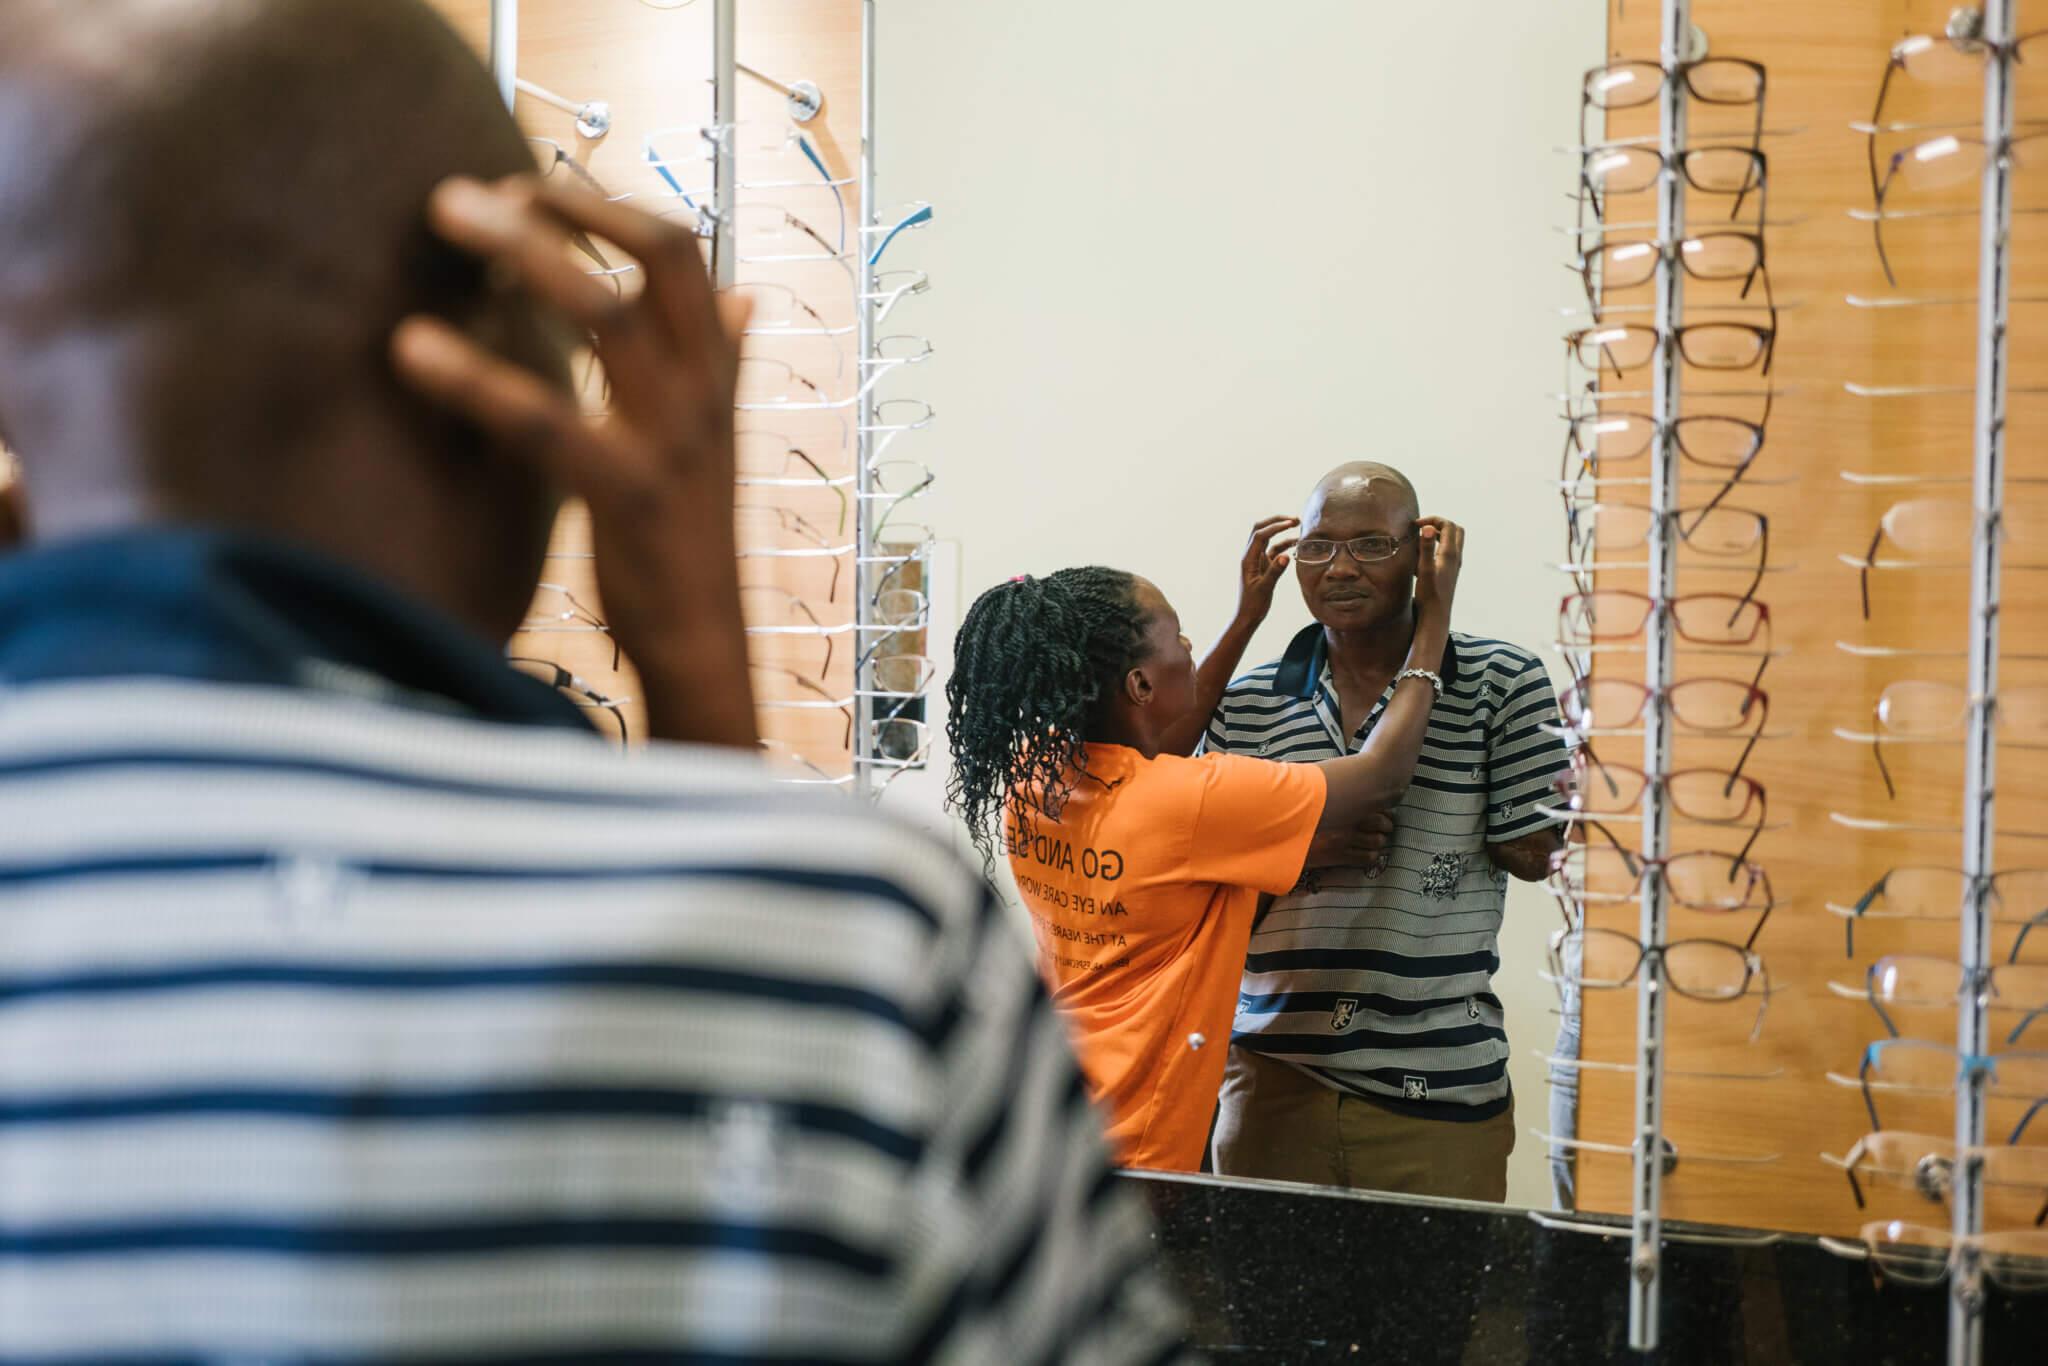 Eine Frau setzt einem Mann beim Optiker eine Brille auf. Der Mann blickt in den Spiegel.